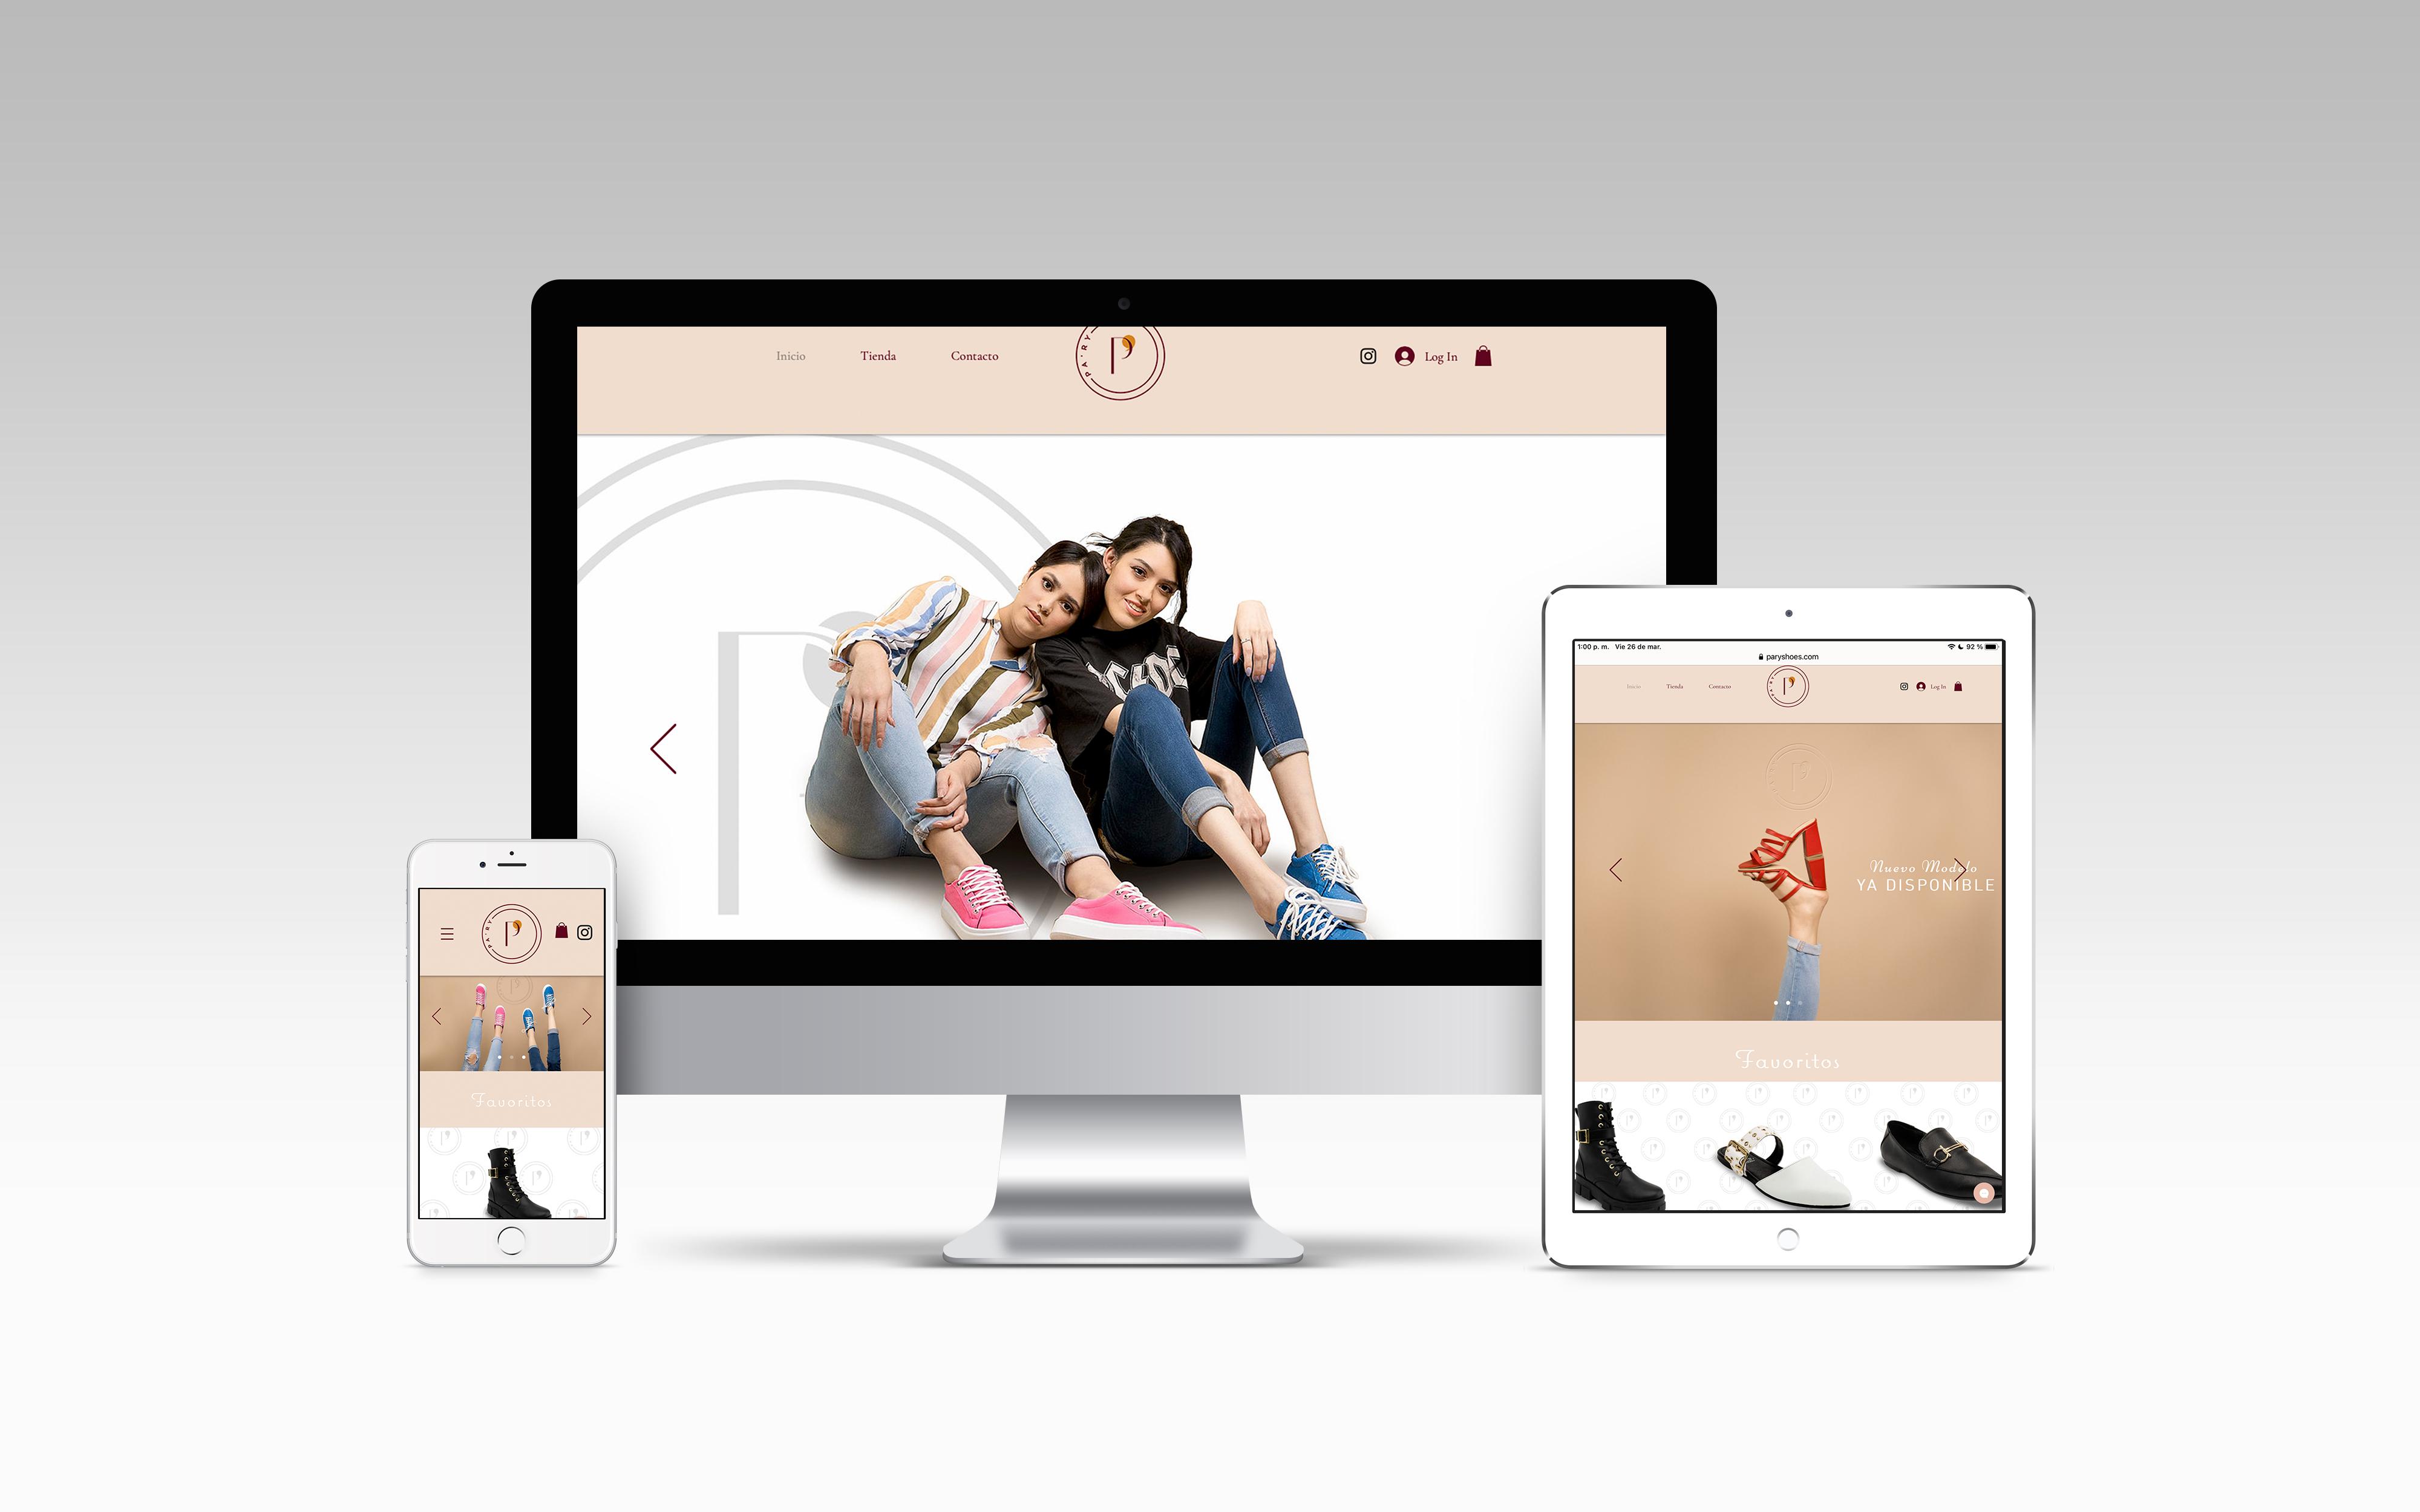 Paryshoes Tienda online fashion de zapatos para mujer